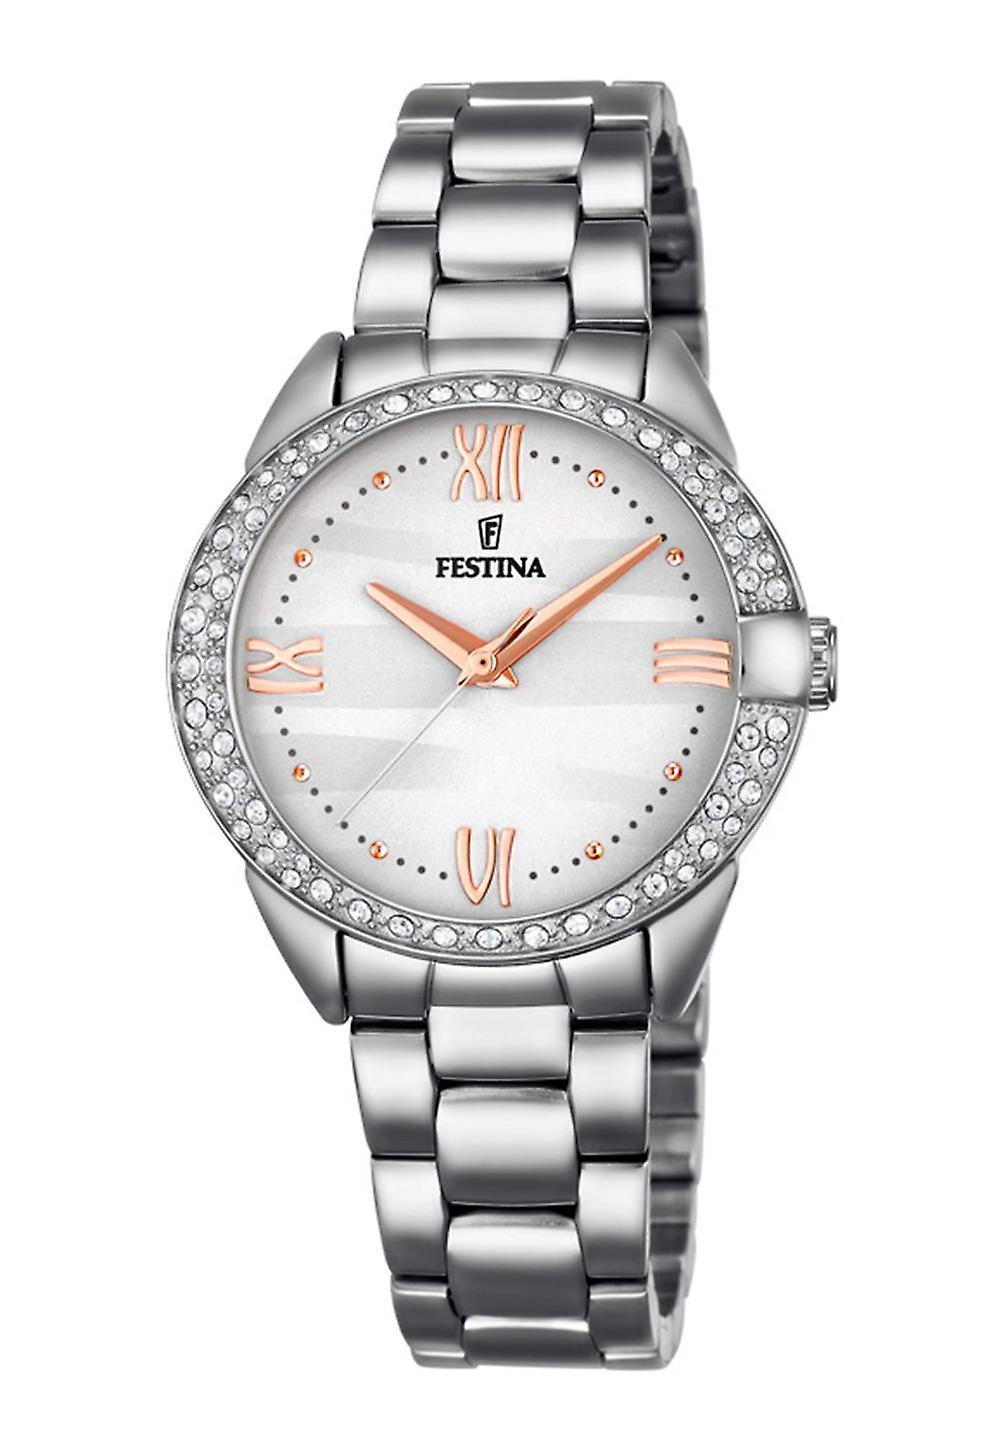 Orologio Festina da donna con cristalli